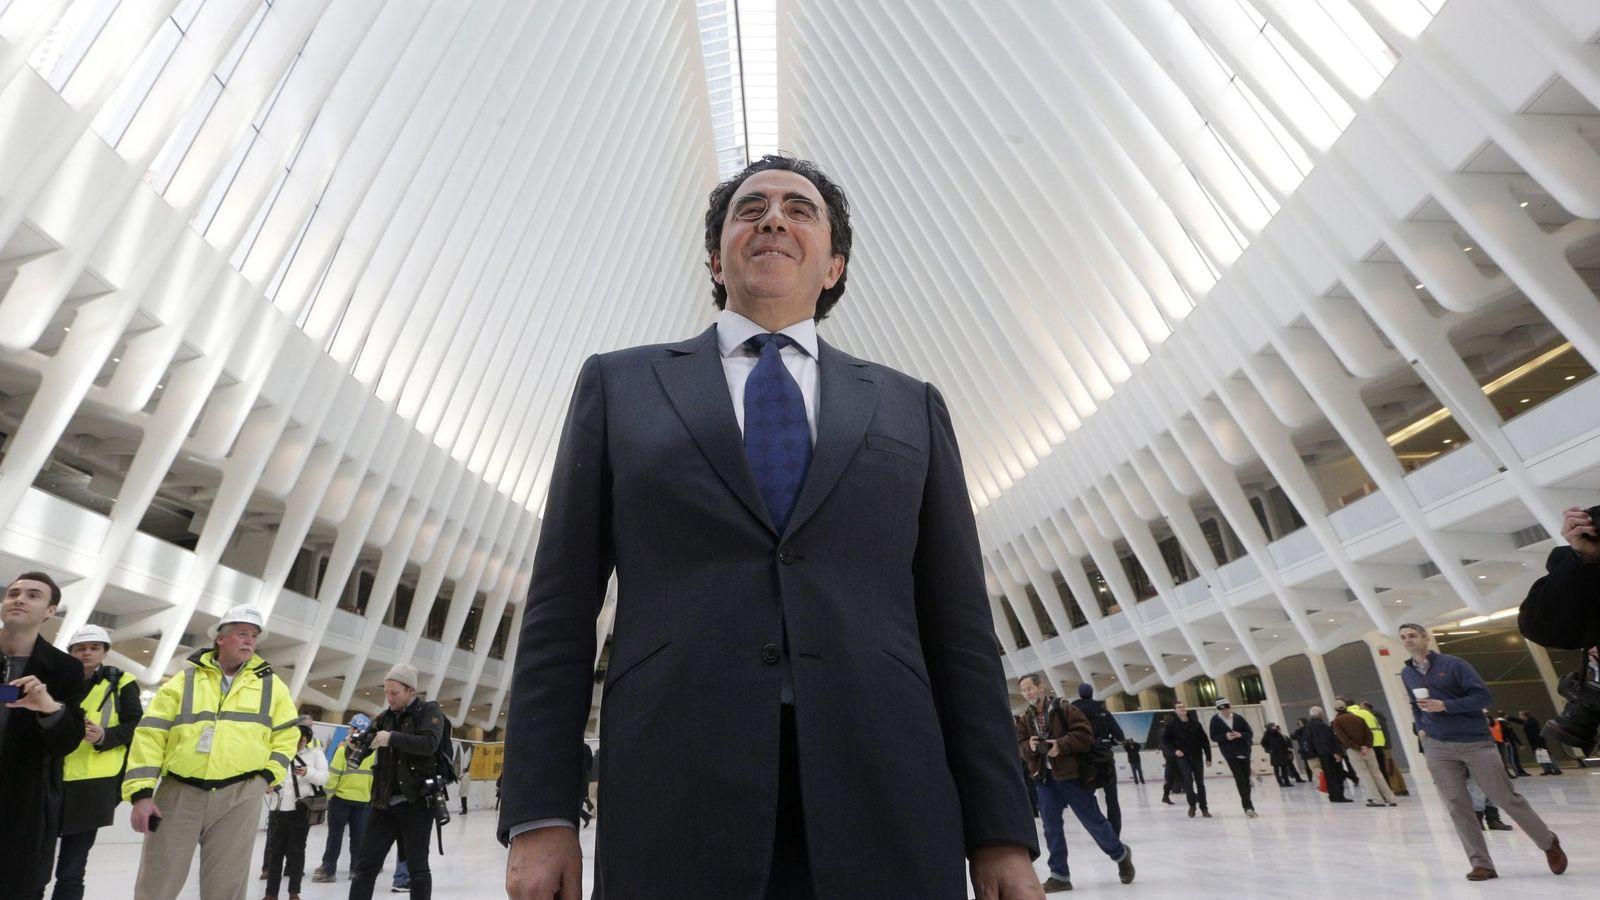 Noticias de comunidad valenciana santiago calatrava sa - Trabajo de arquitecto en madrid ...